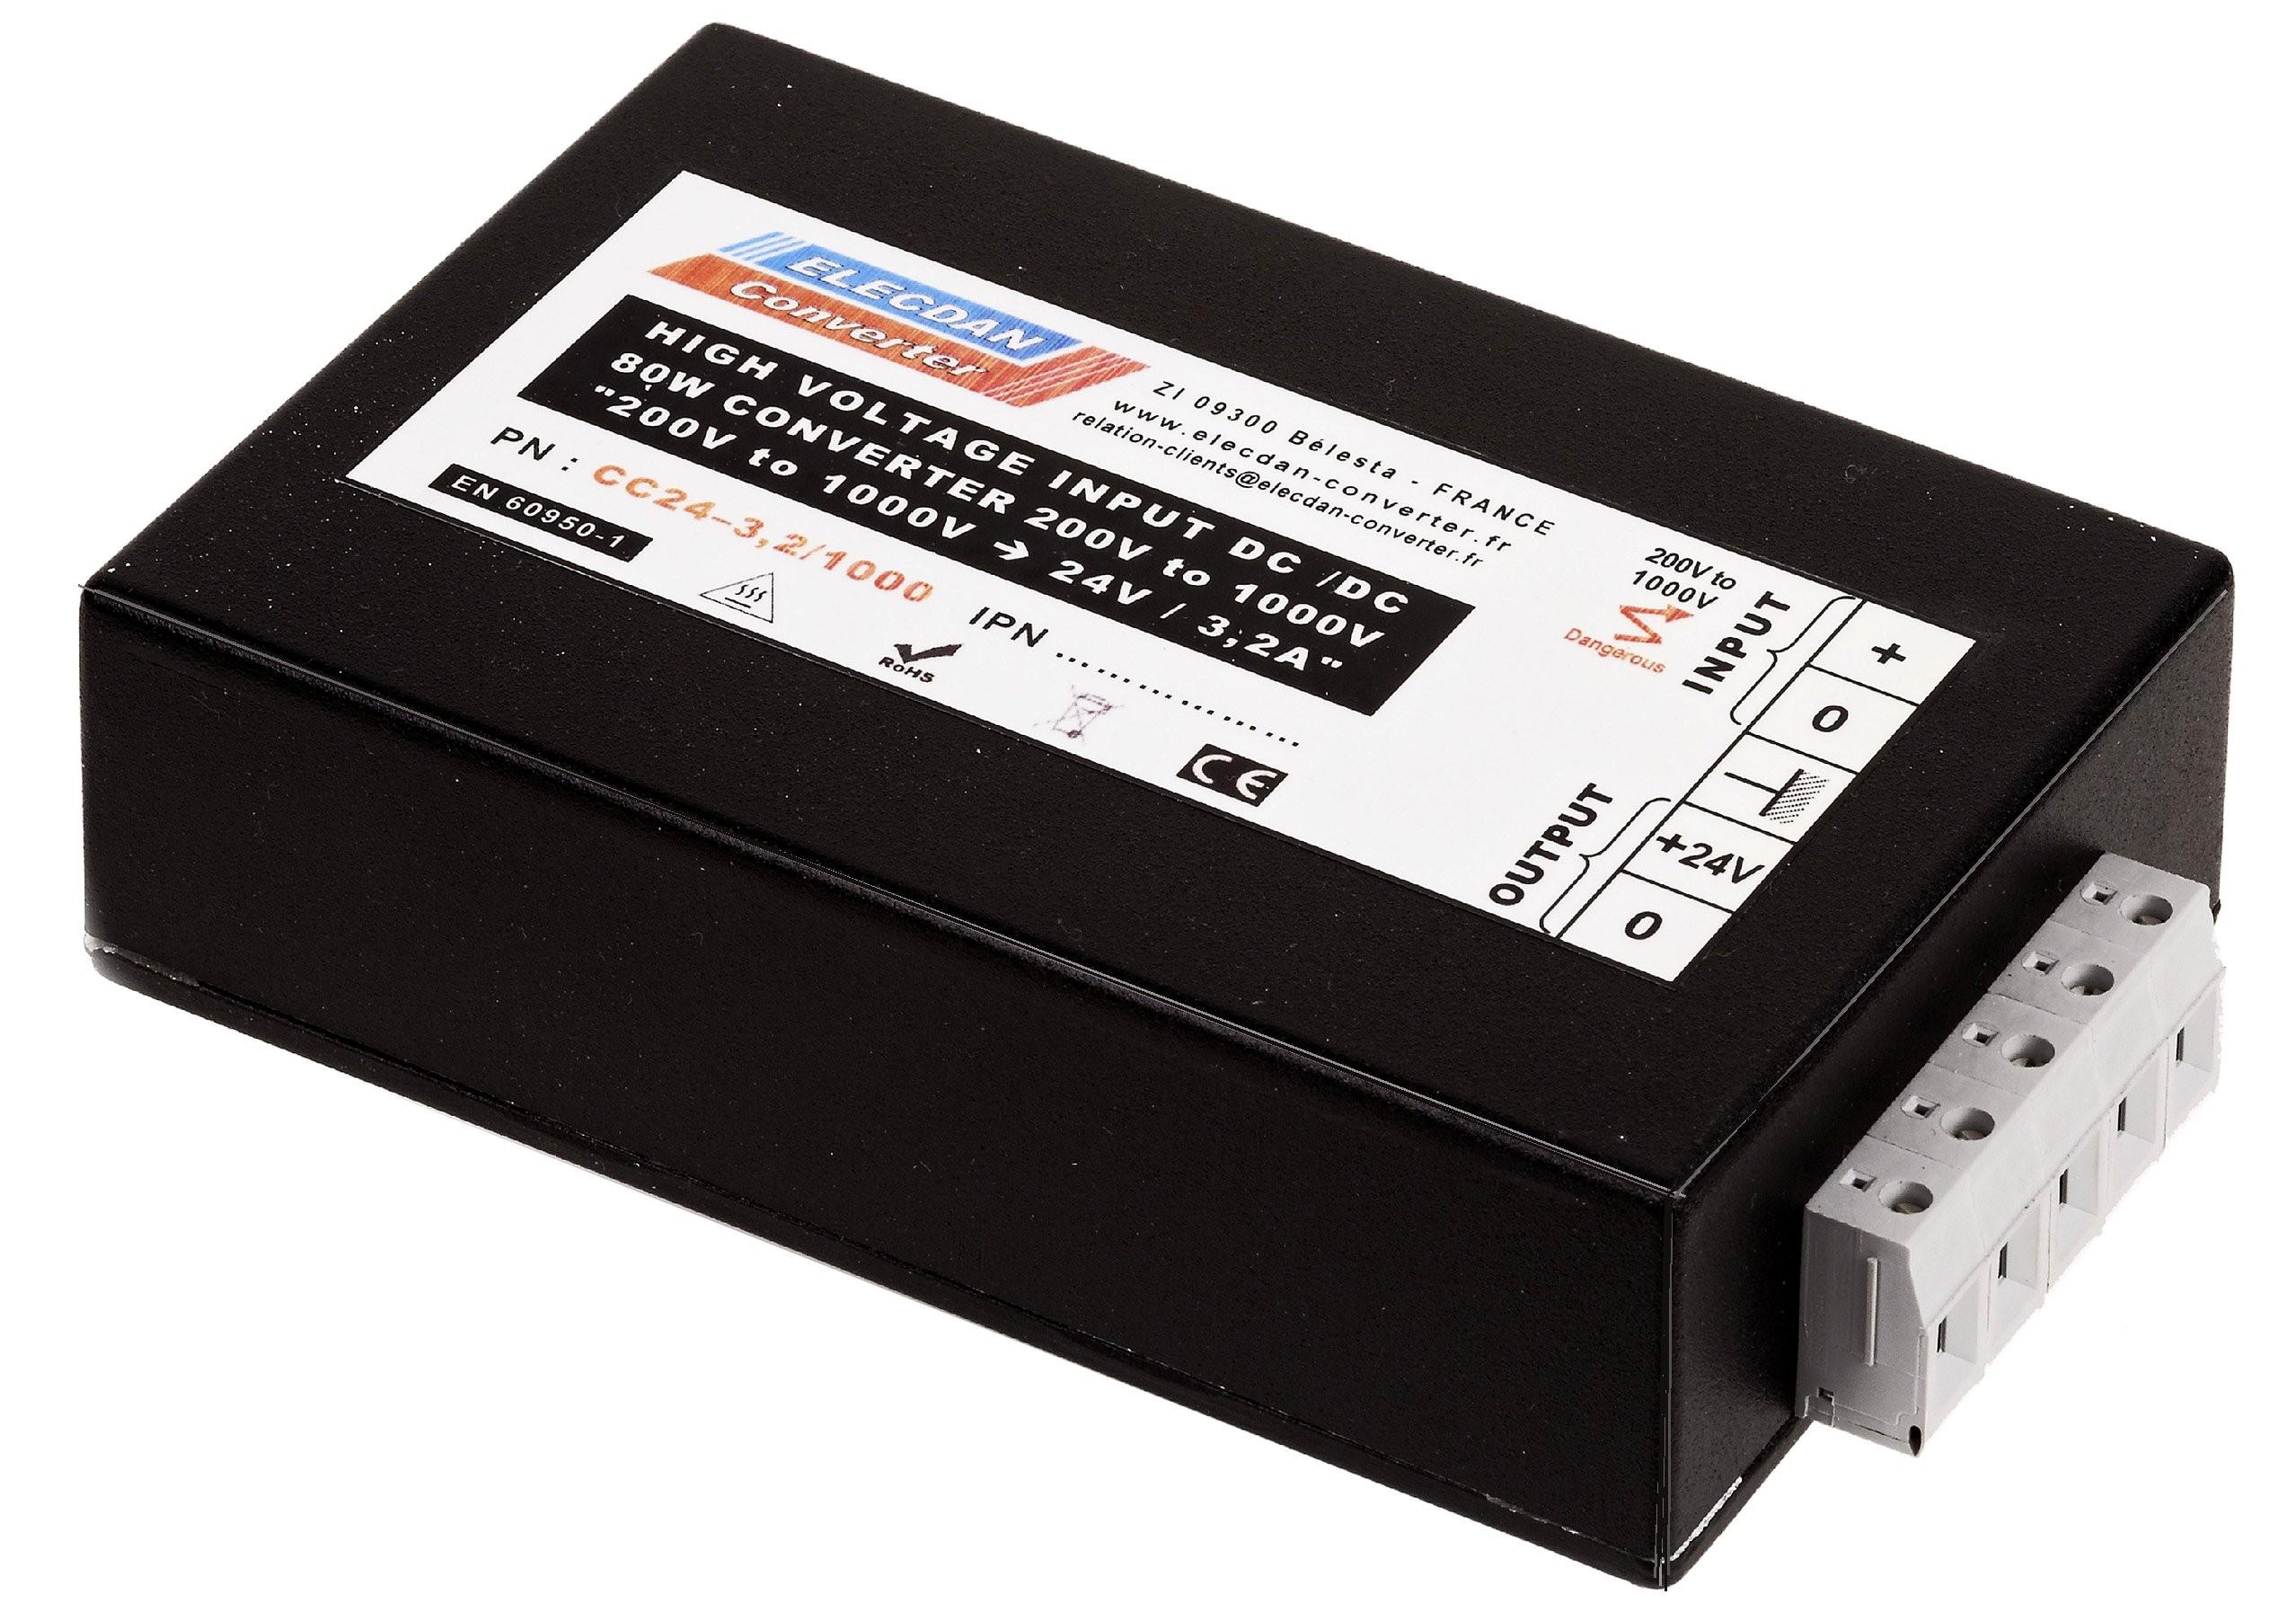 Convertisseur de tension 80W à très haute tension d'entrée 200 à 1000V , sortie 24V/3,2A réf. CC 24-3,2/ 1000 Boîtier aluminium montable sur paroi ou rail din Longueur  : 145 mm + 11 Largeur : 95 mm Epaisseur : 40 mm